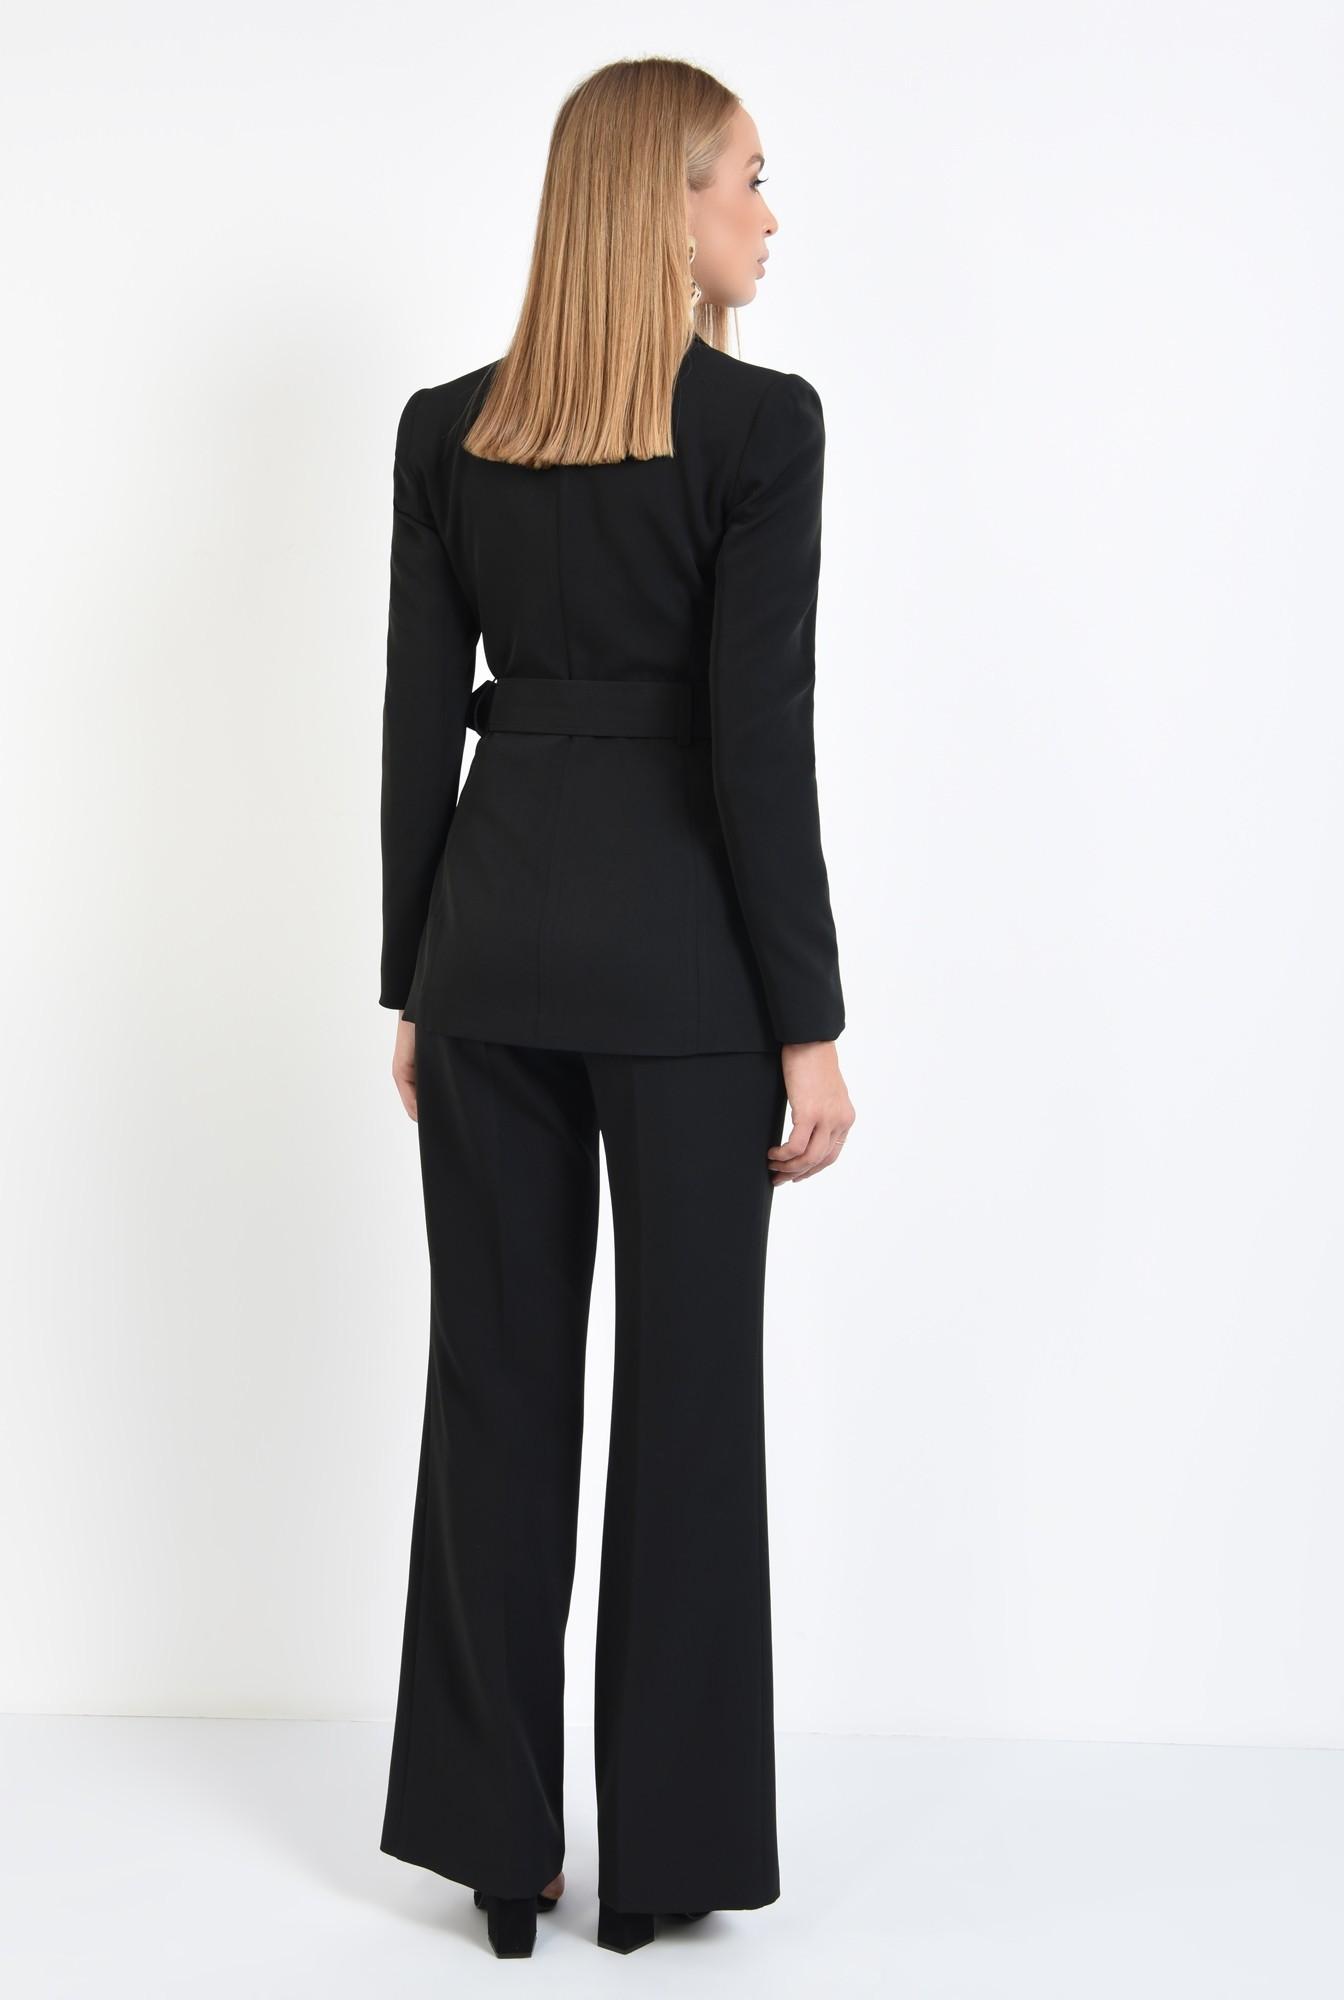 1 - pantaloni de zi, croi evazat, la dunga, fermoar lateral